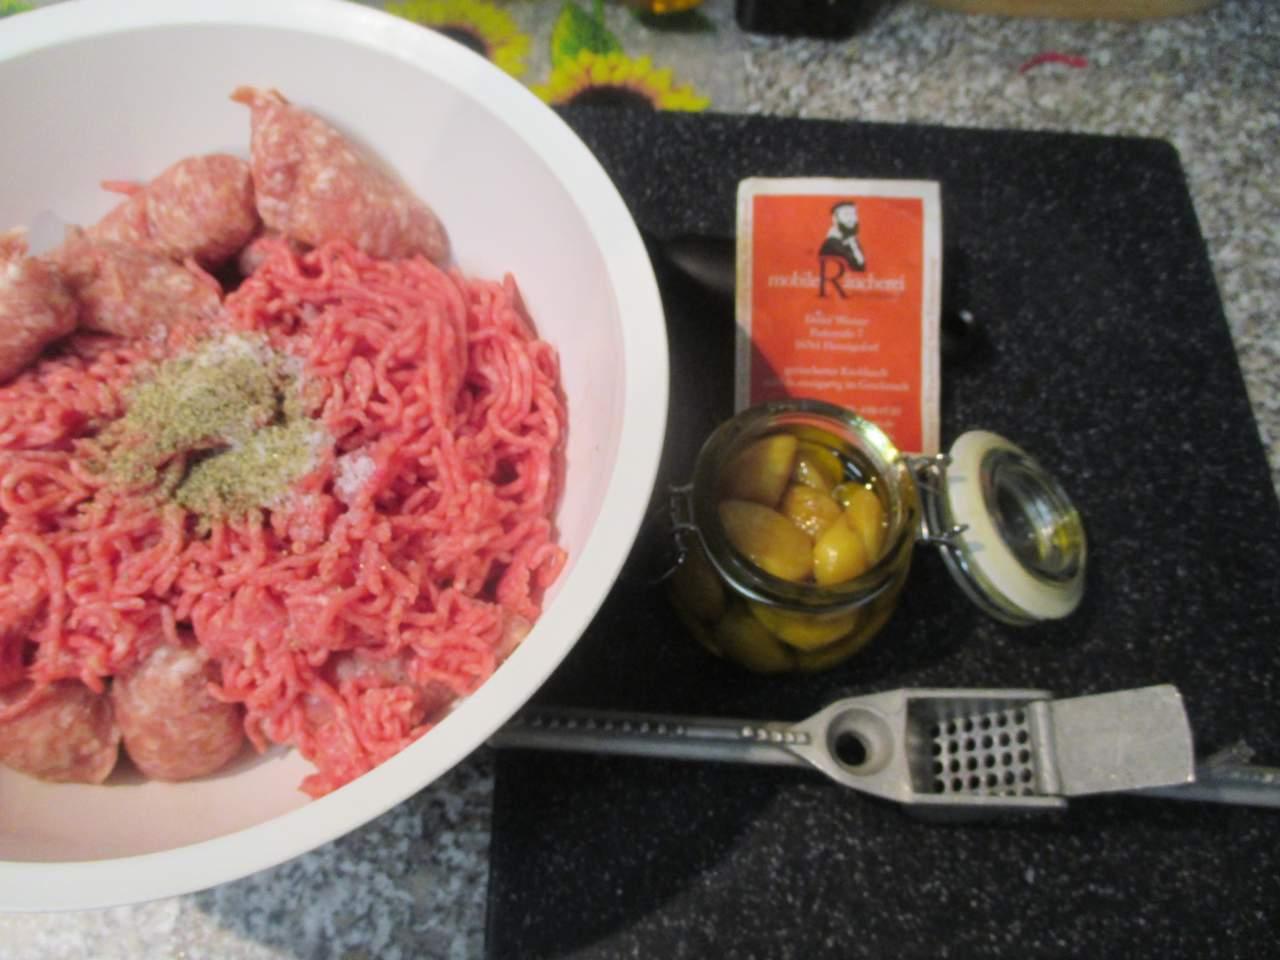 Zutaten: frische Bratwurst, Hackfleisch halb und halb, Gewürze und geräucherte Knoblauchzehen